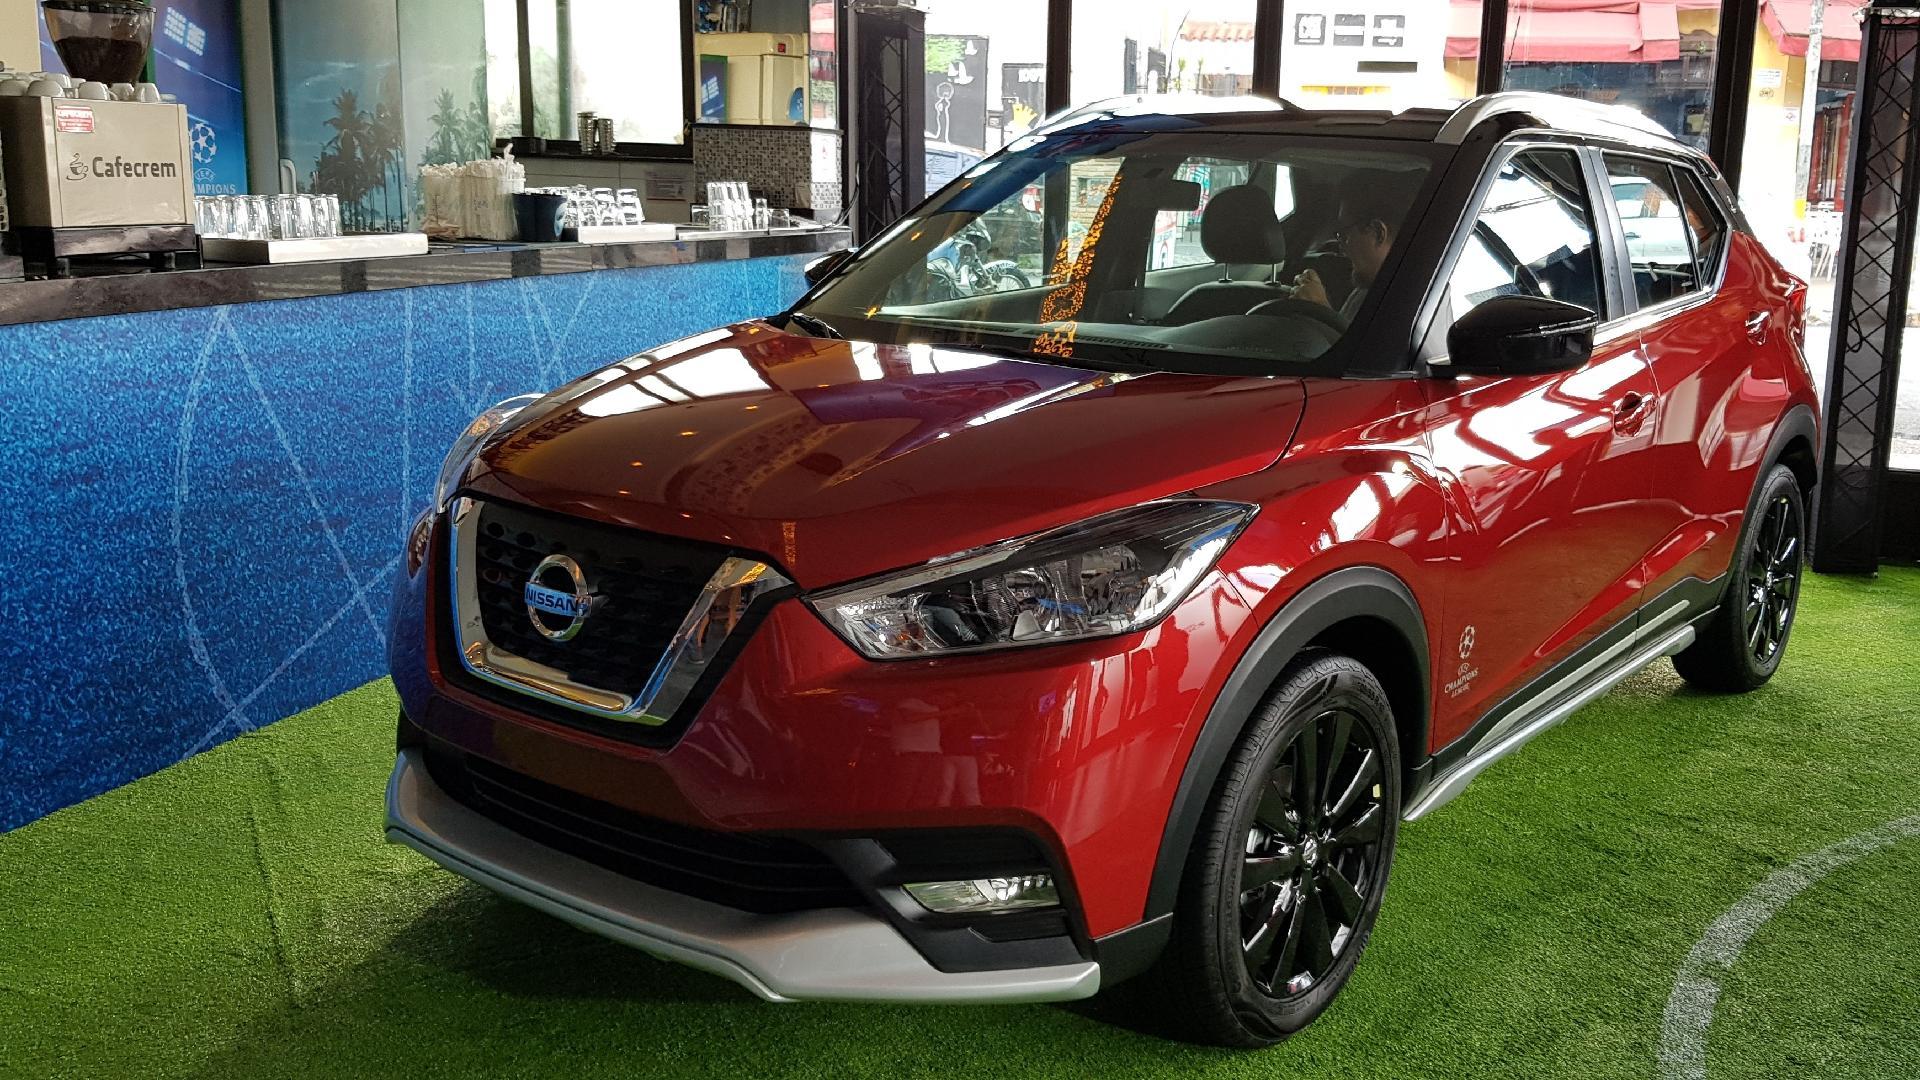 Nissan Kicks Uefa Champions League Foi Lancado Veja Outros Carros Ligados Ao Futebol